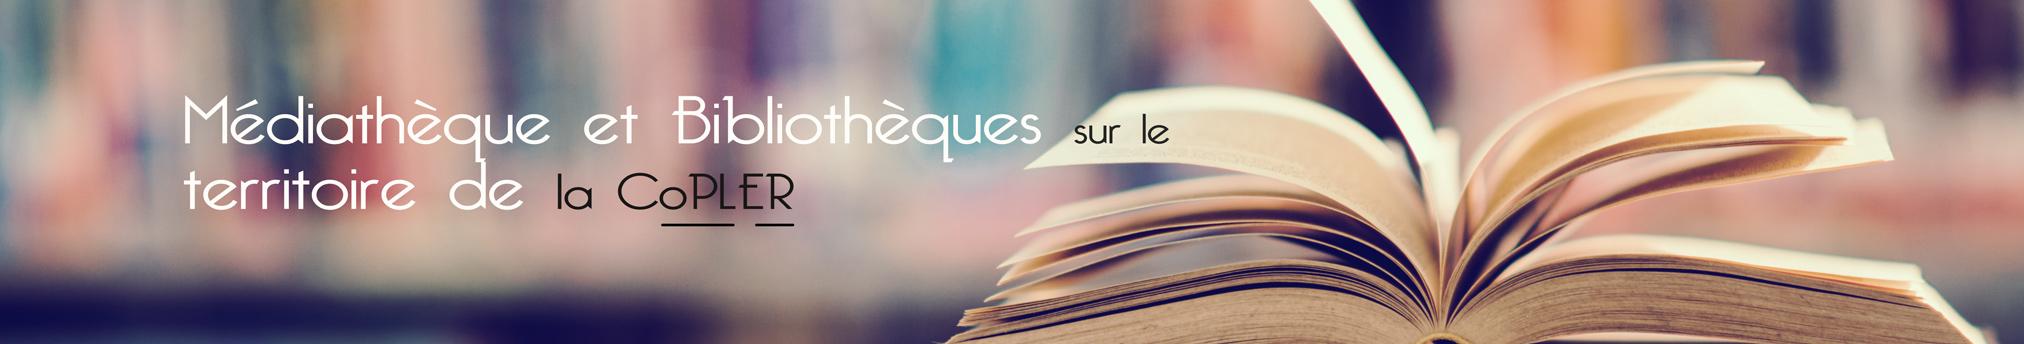 bandeau_bibliotheque